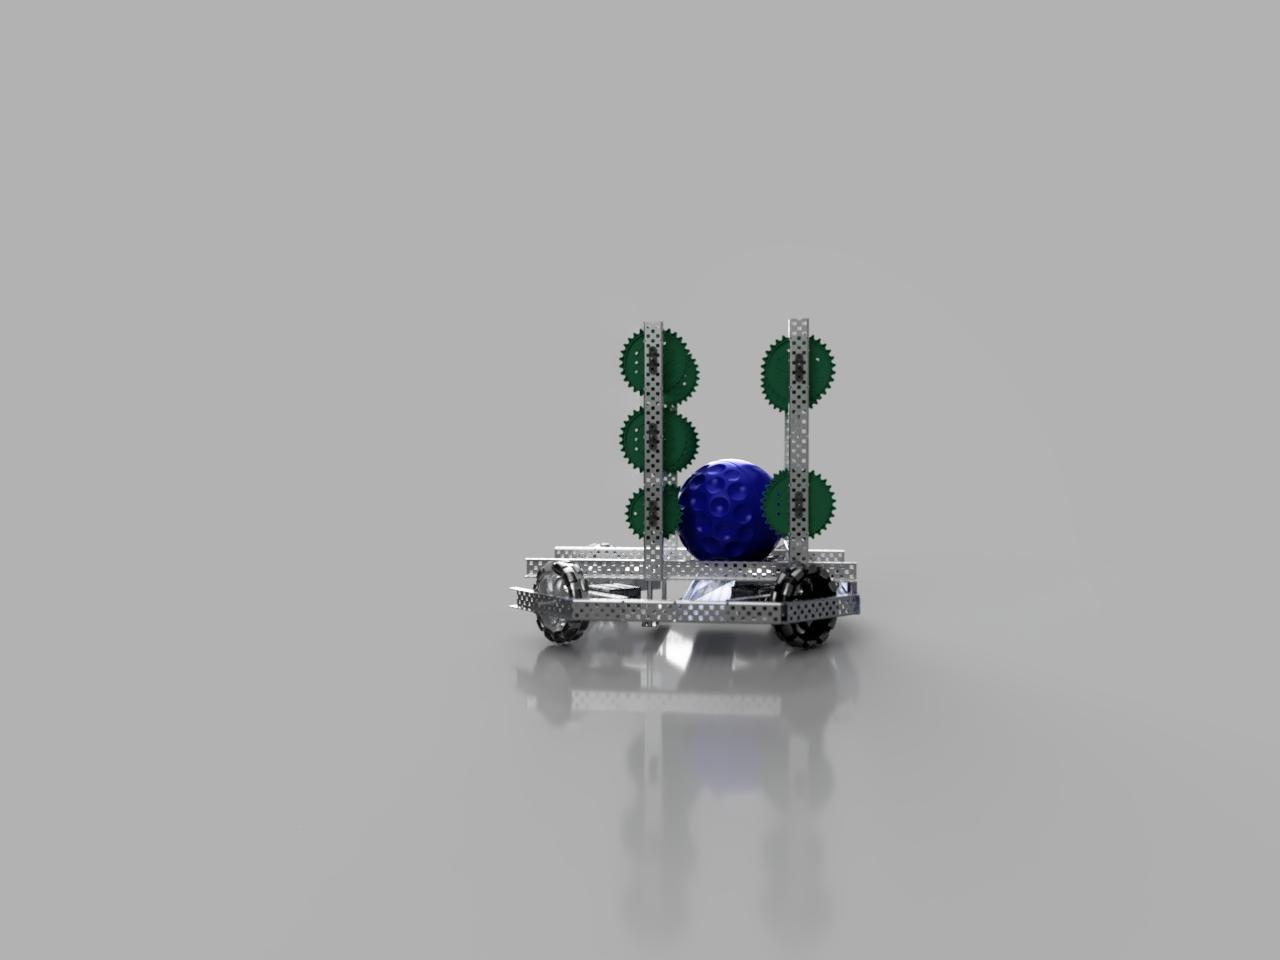 Robotv1_2021-Jan-21_09-49-03PM-000_CustomizedView13852982968_png